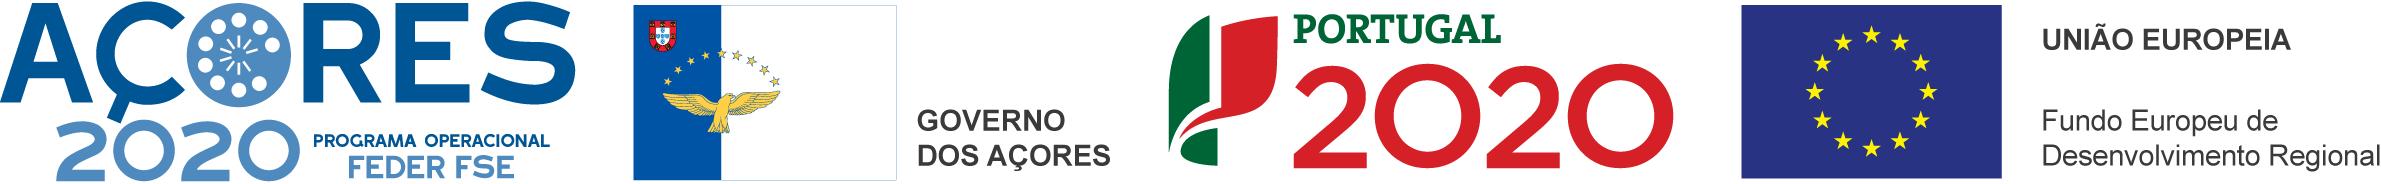 barra-de-assinatura-AÇORES-2020-FEDER_SET2016